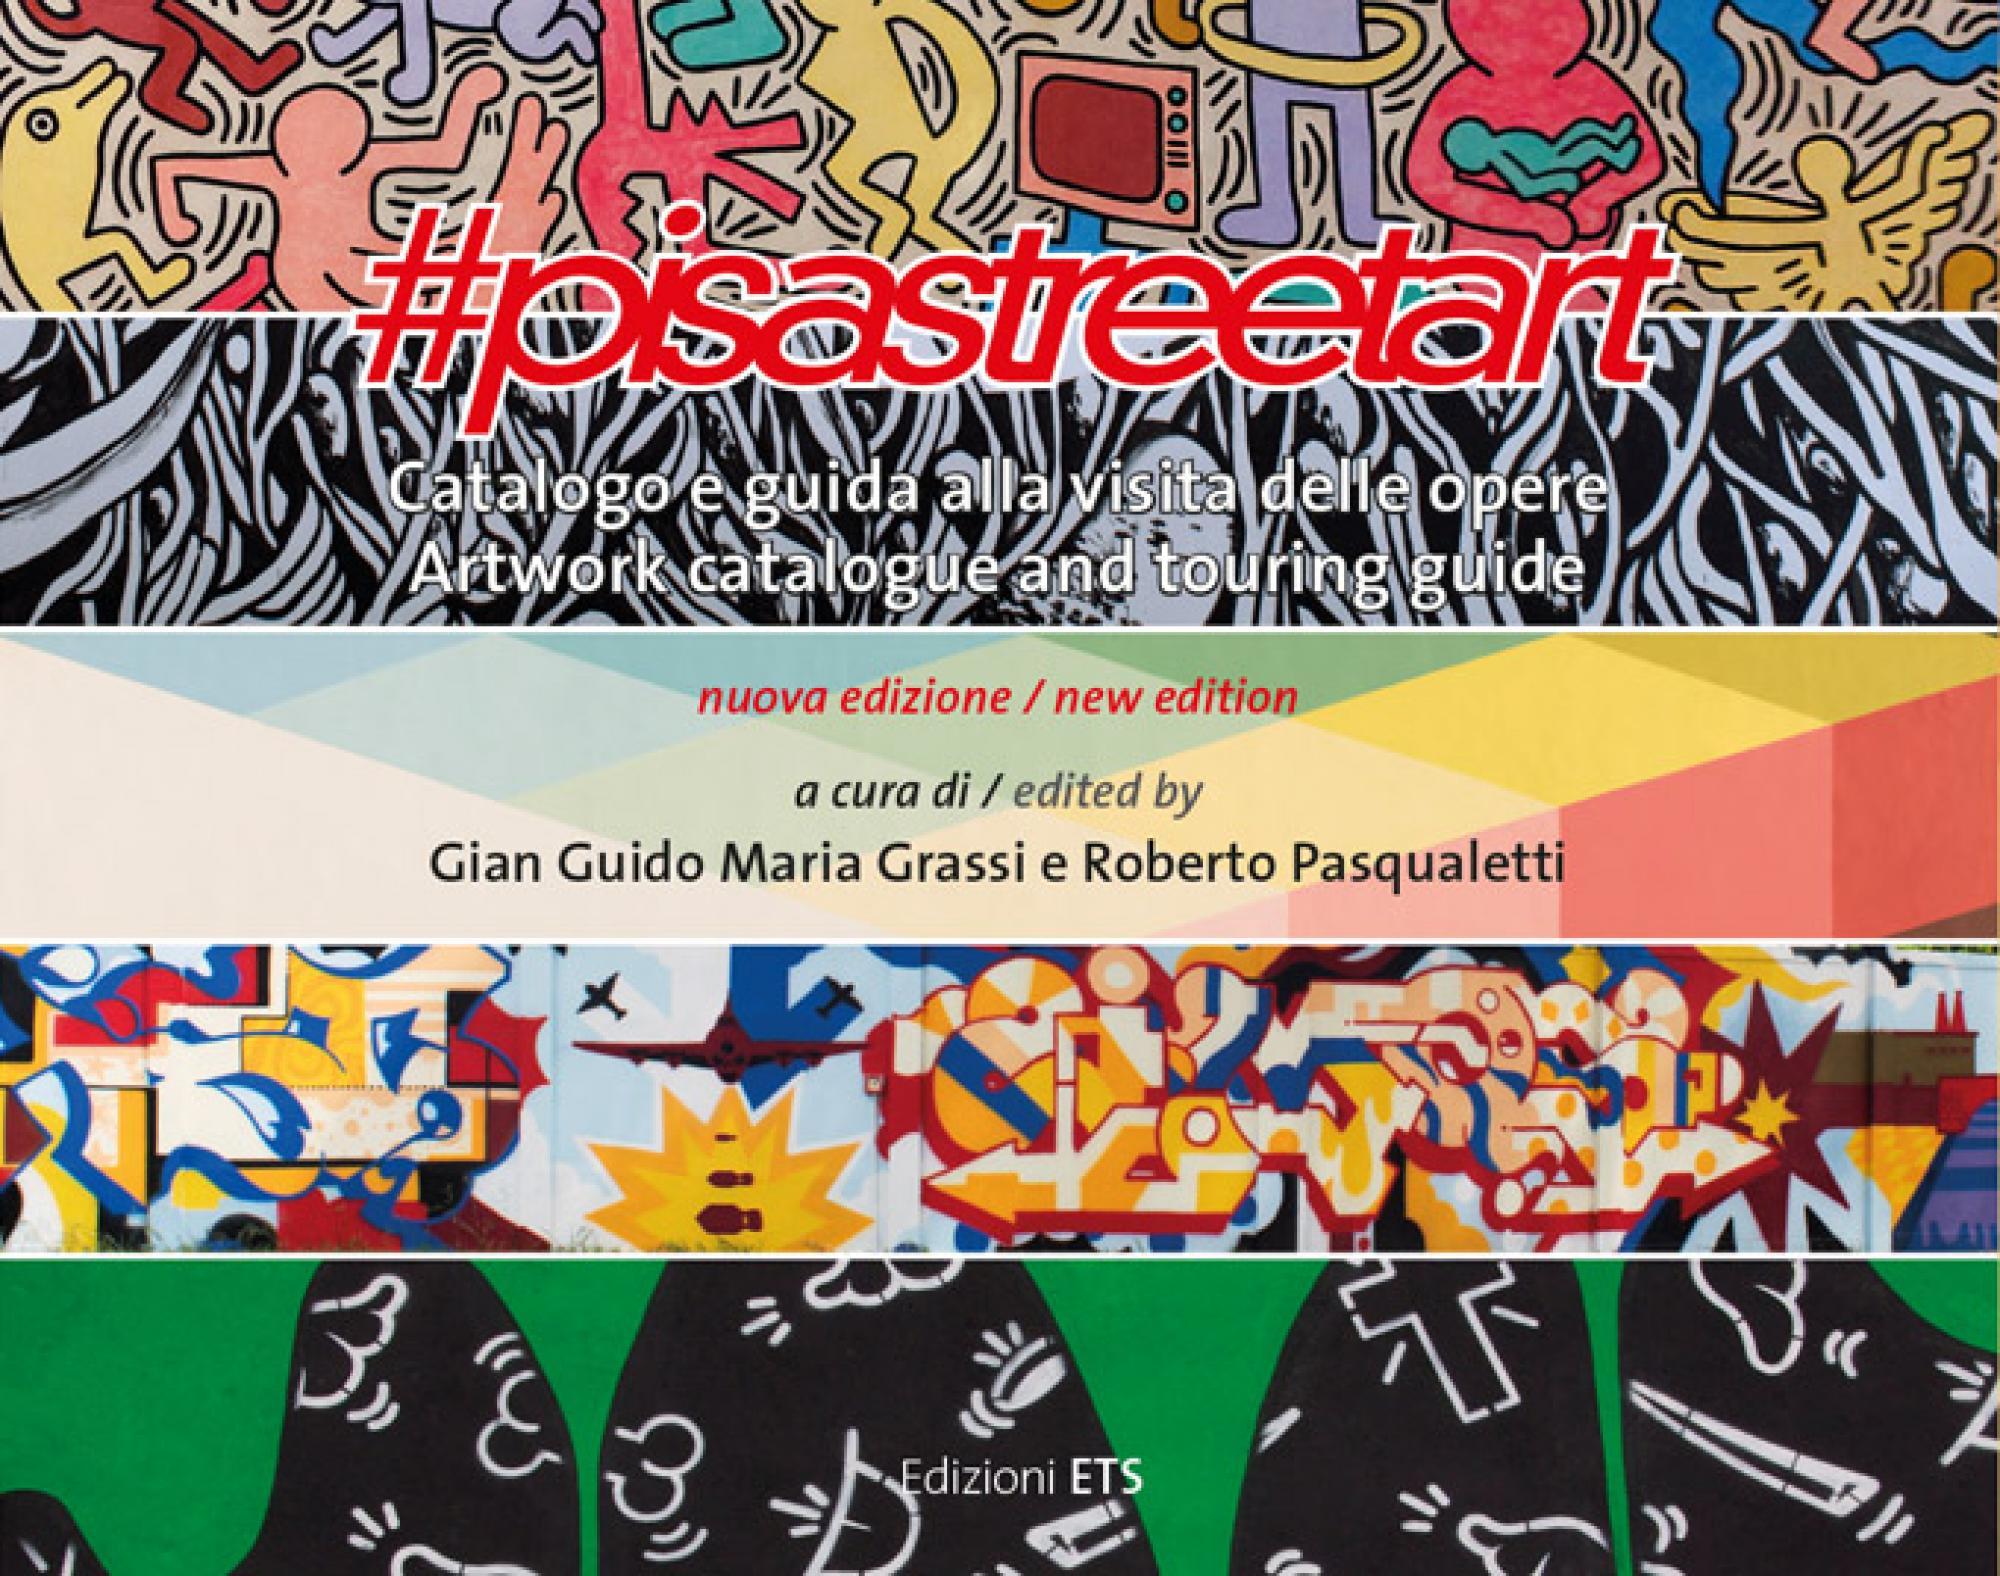 #pisastreetart.Catalogo e guida alla visita delle opere. Artwork catalogue and touring guide